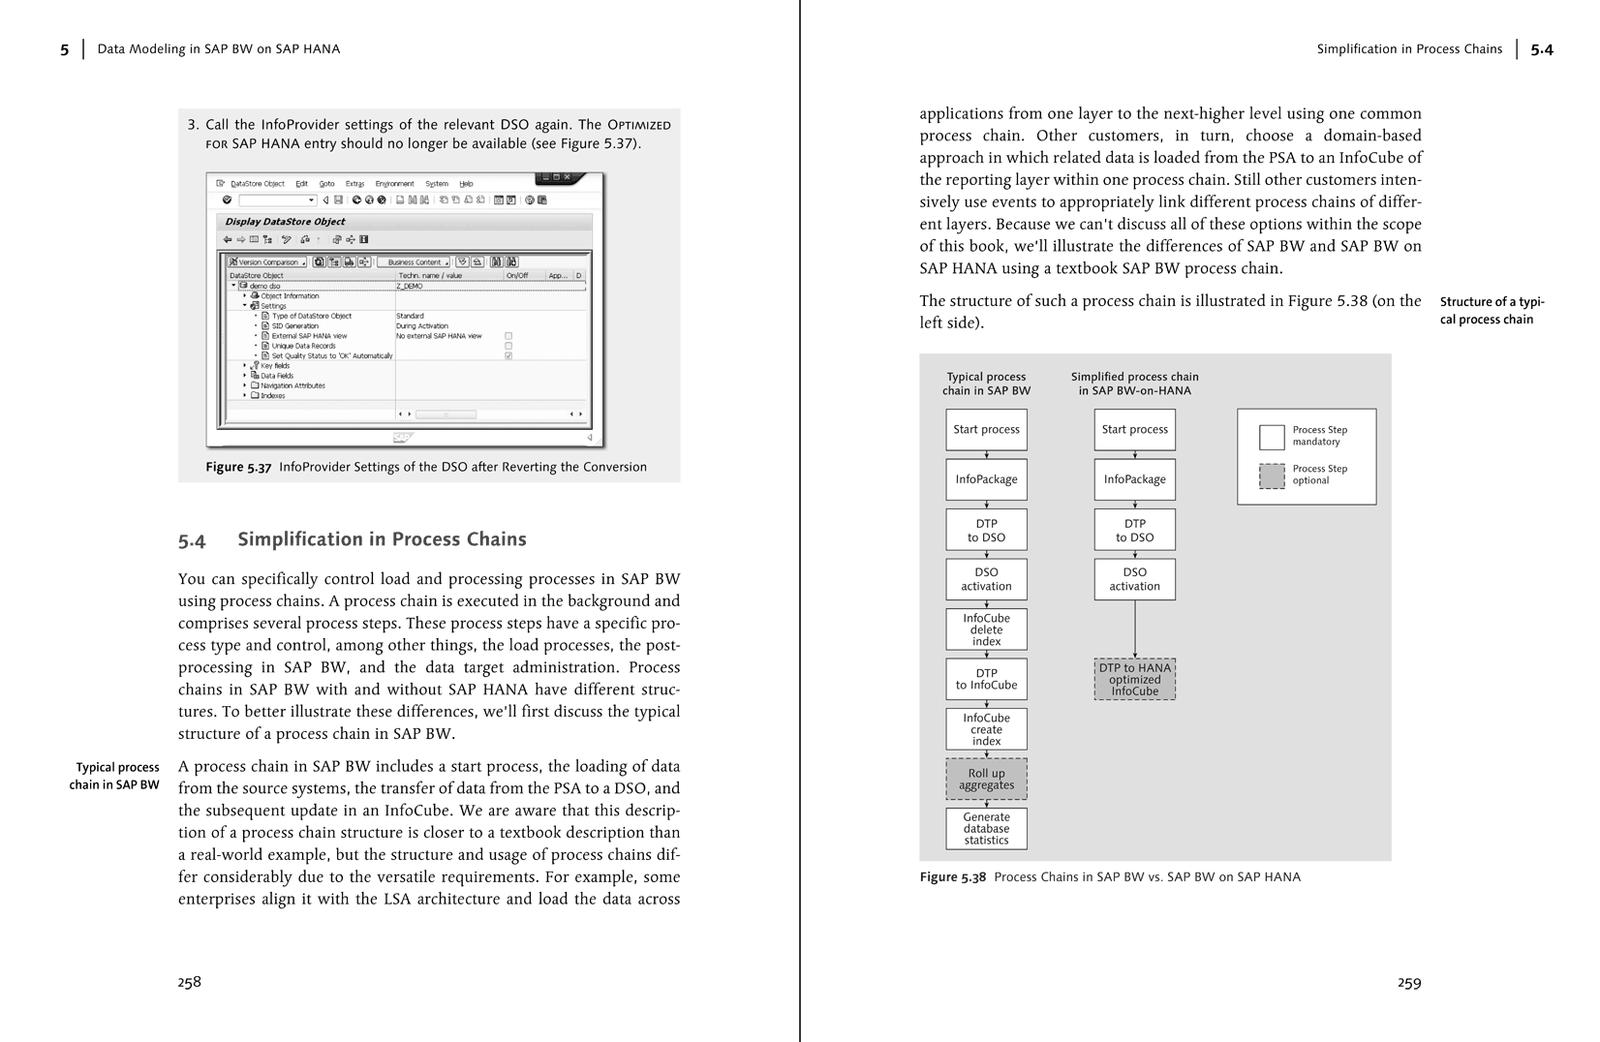 Sap bw on hana implementation migration book e book by sap press bildunterschrift optional bildunterschrift optional bildunterschrift optional malvernweather Gallery